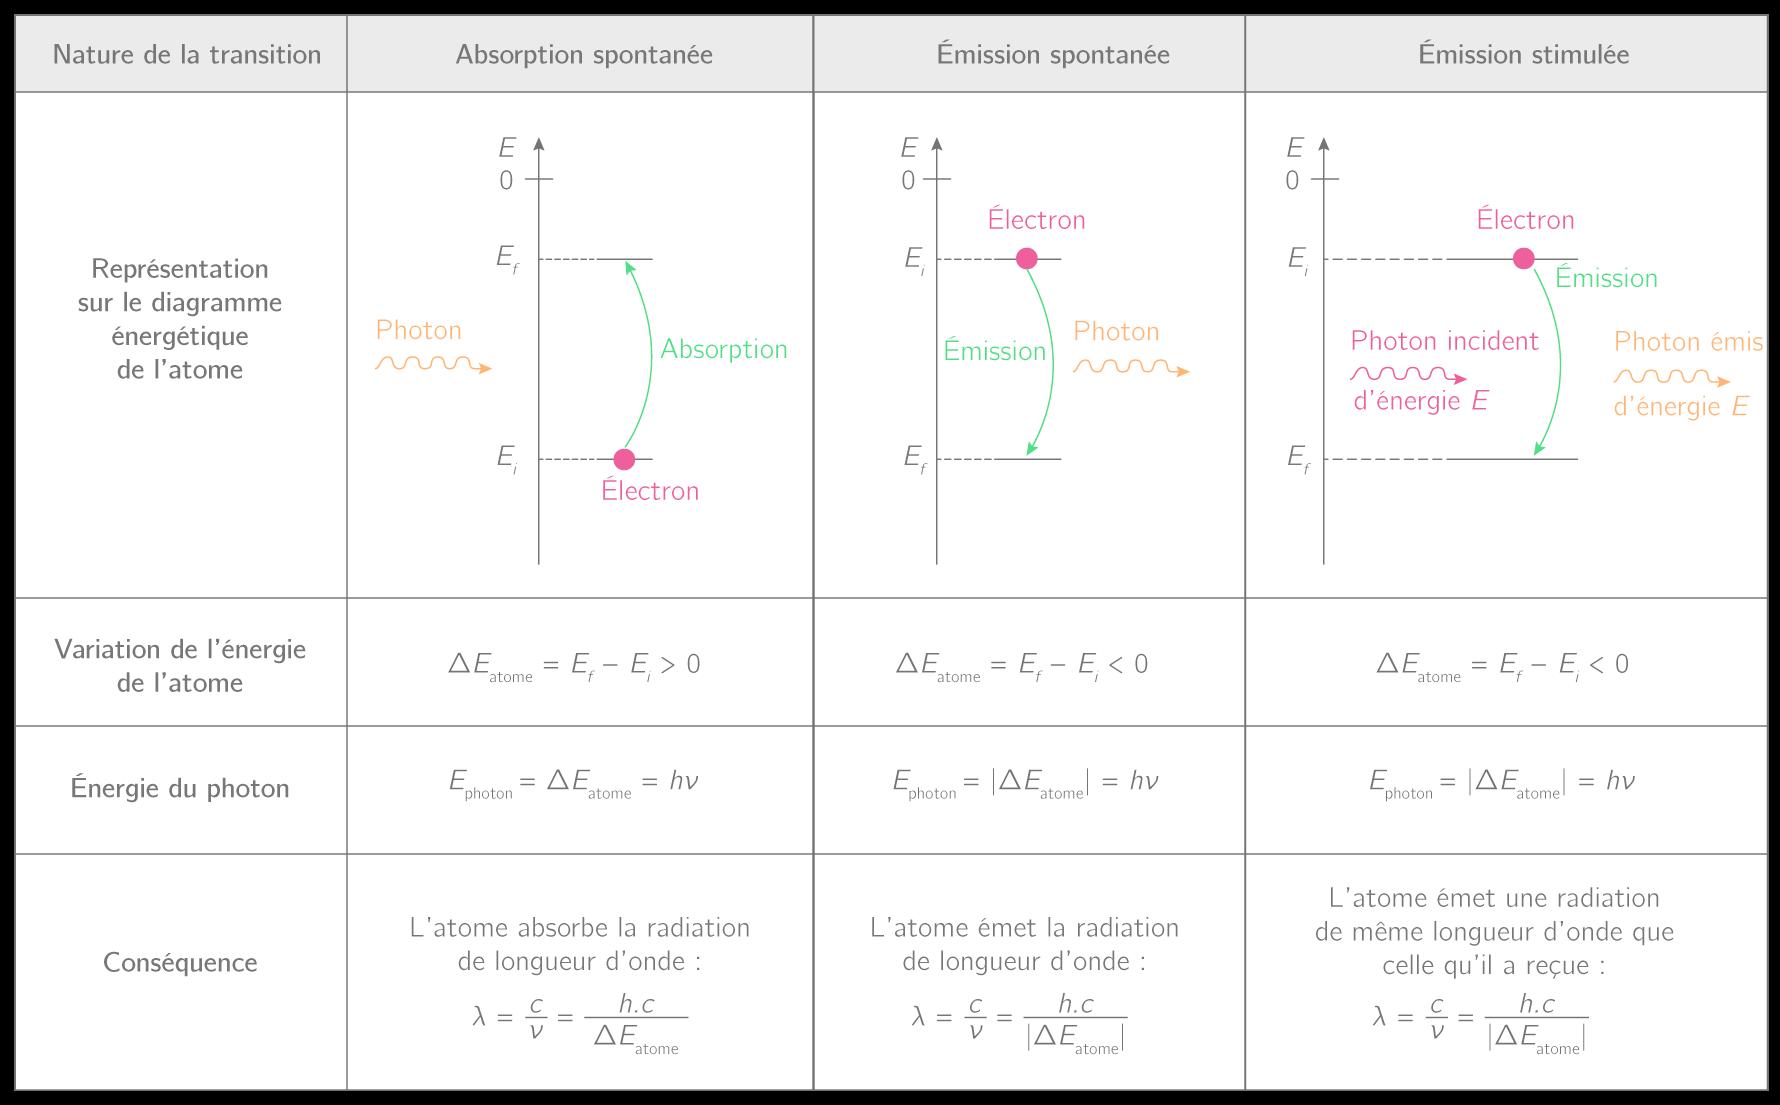 Récapitulatif des différents phénomènes d'absorption et d'émission